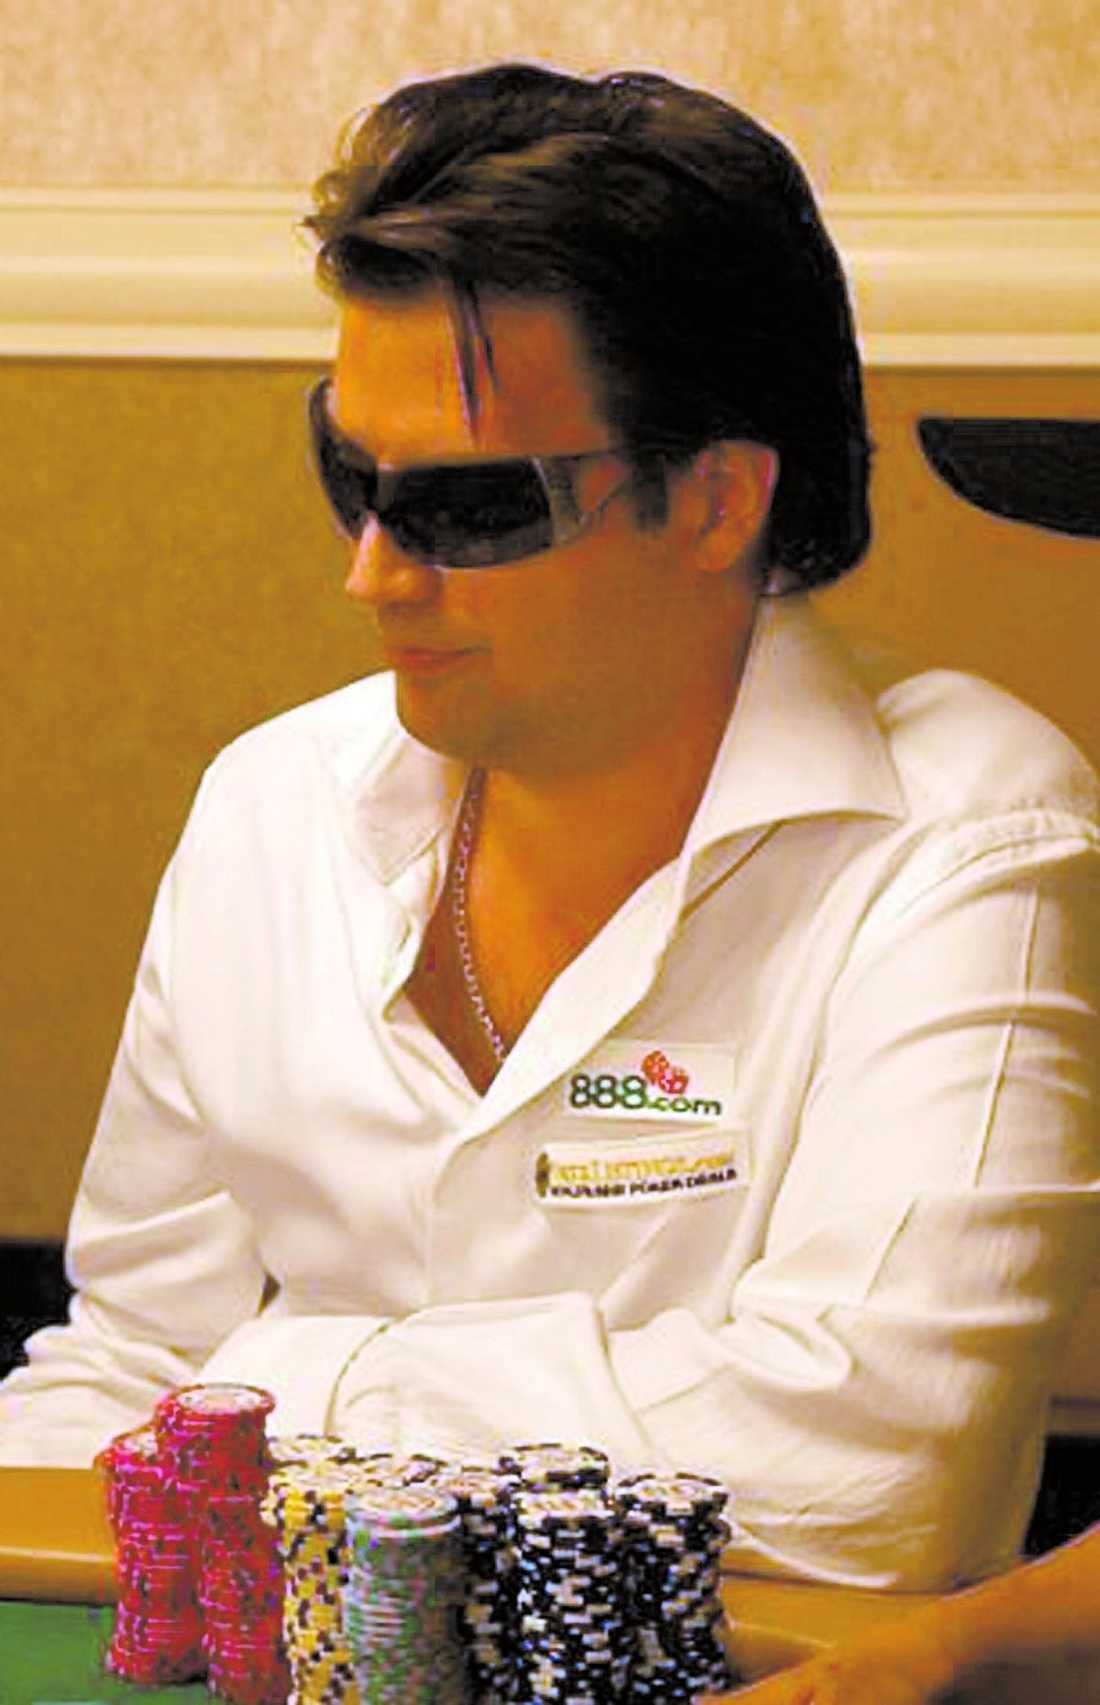 stenrik på poker Anderas Oscarsson, 36, var en hyfsad pokerspelare – men han blev inte rik på turneringar, utan företagande. Han var en pionjär inom internetpoker.